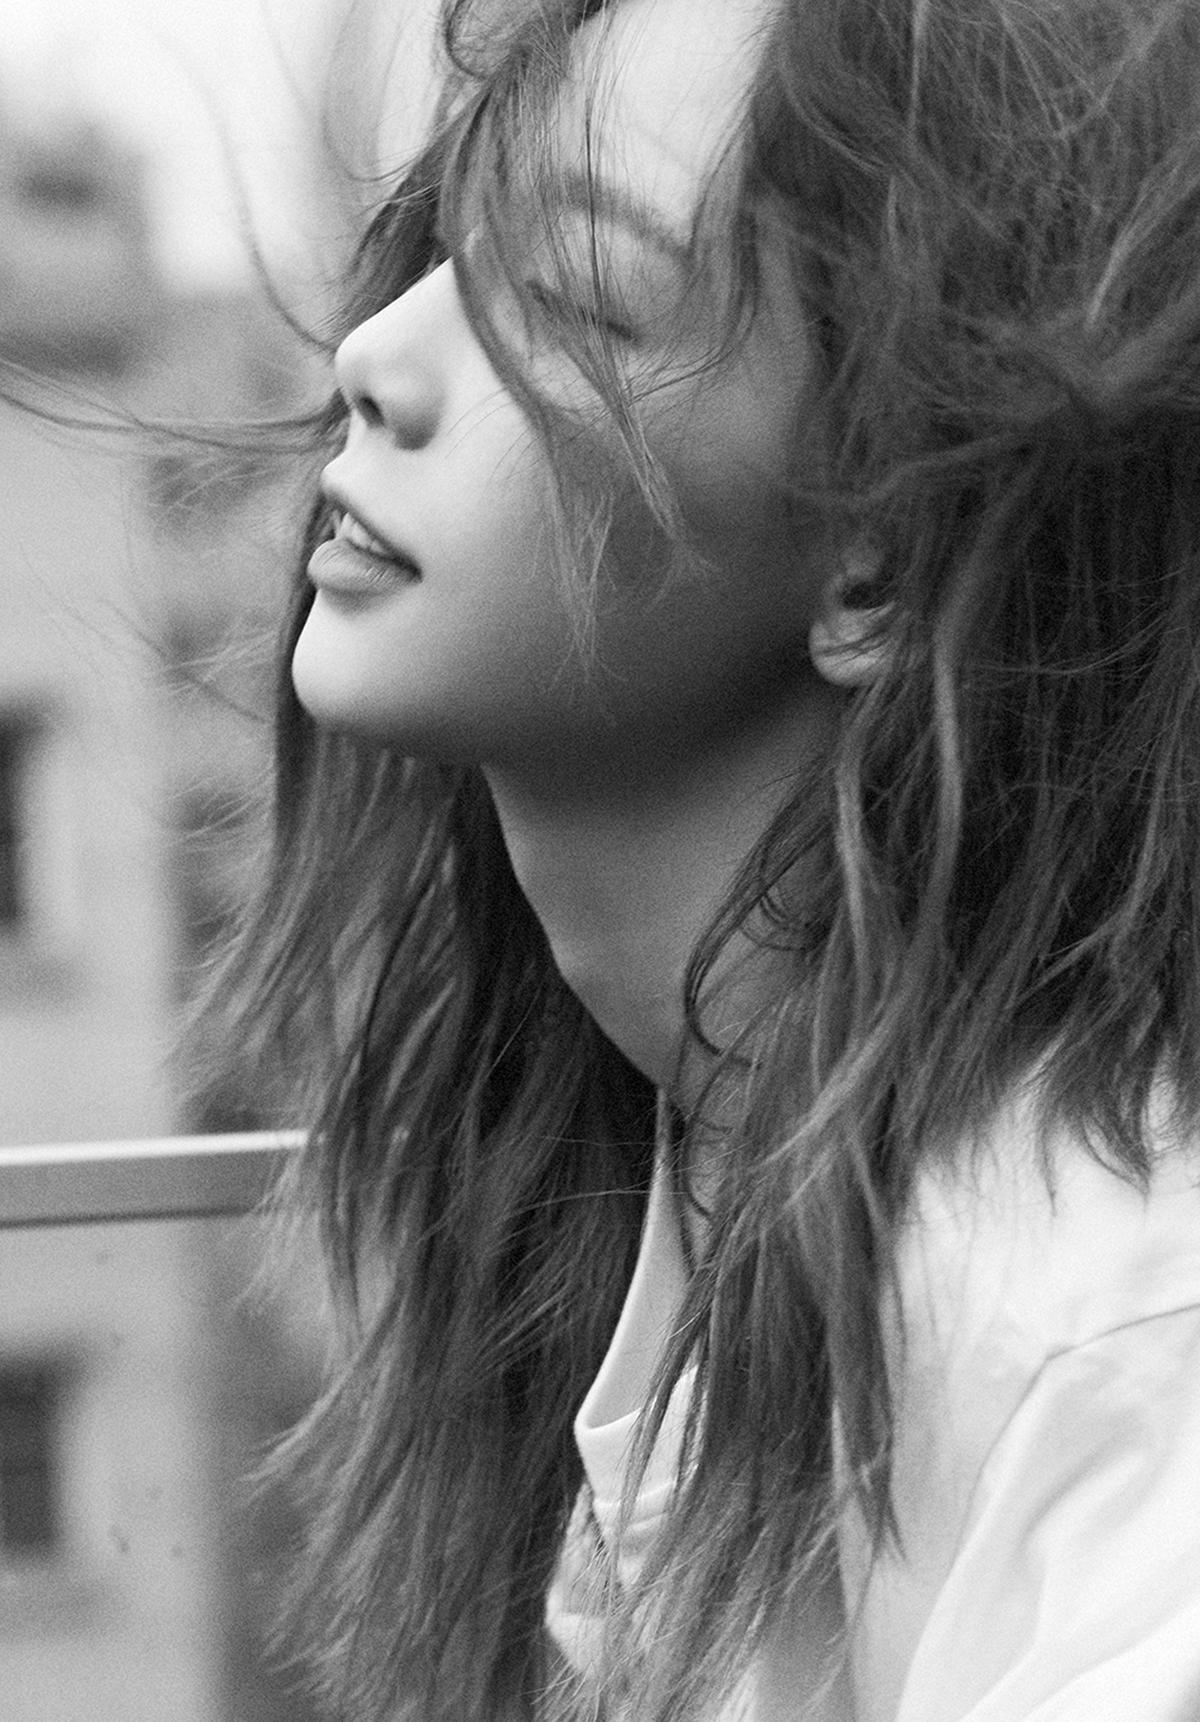 태연, 신곡 'Something New' 18일 발표! 처음 선보이는 '네오 소울 장르'